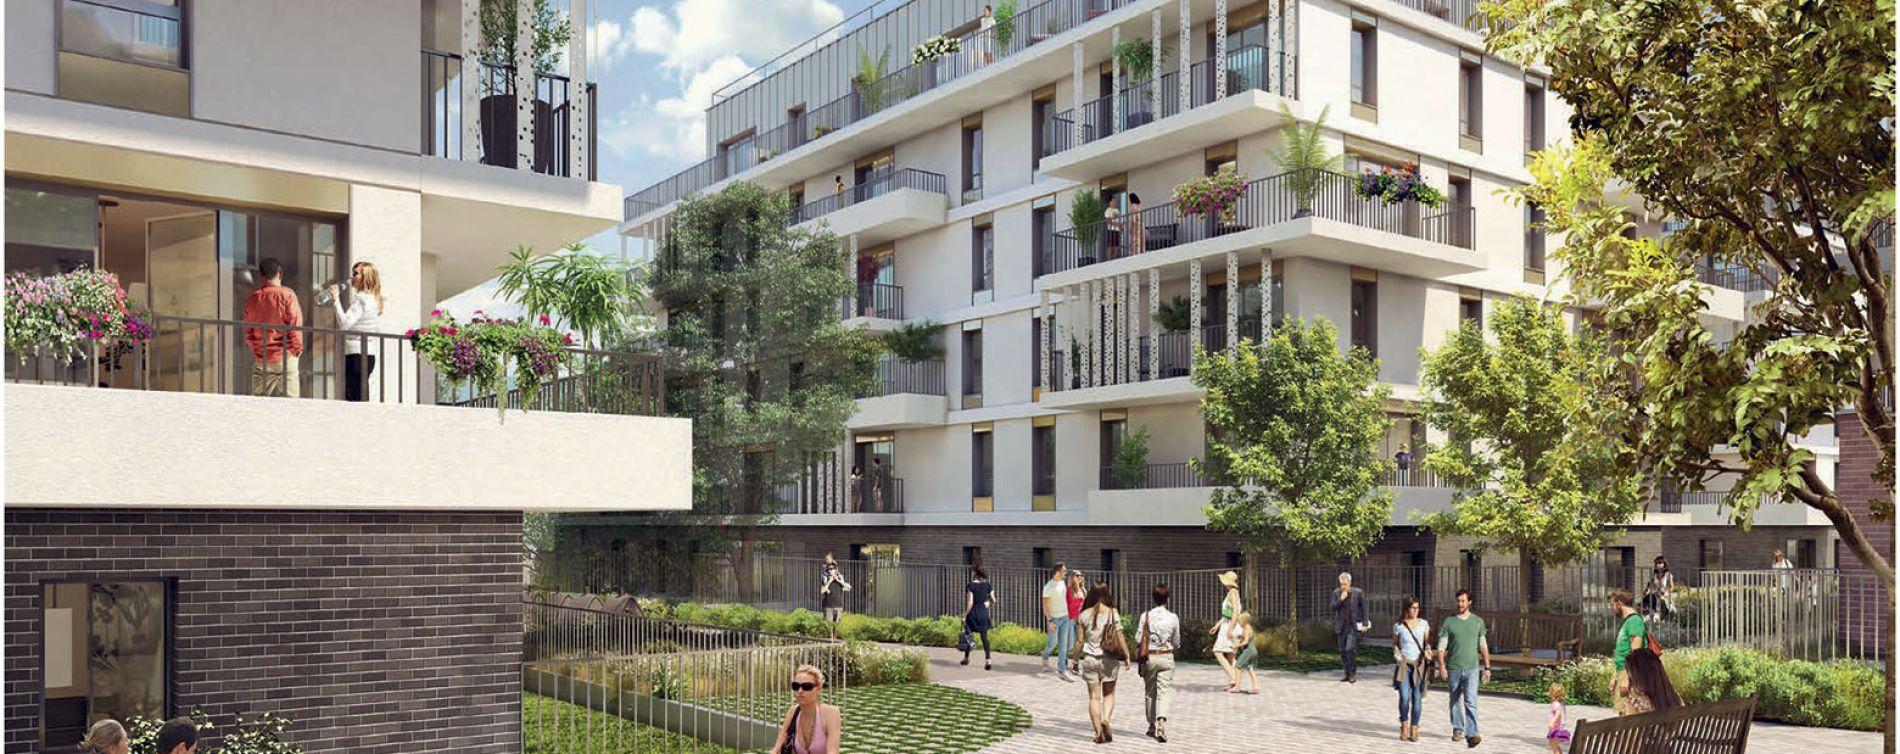 Résidence Ô Domaine - Tranche 3 à Rueil-Malmaison